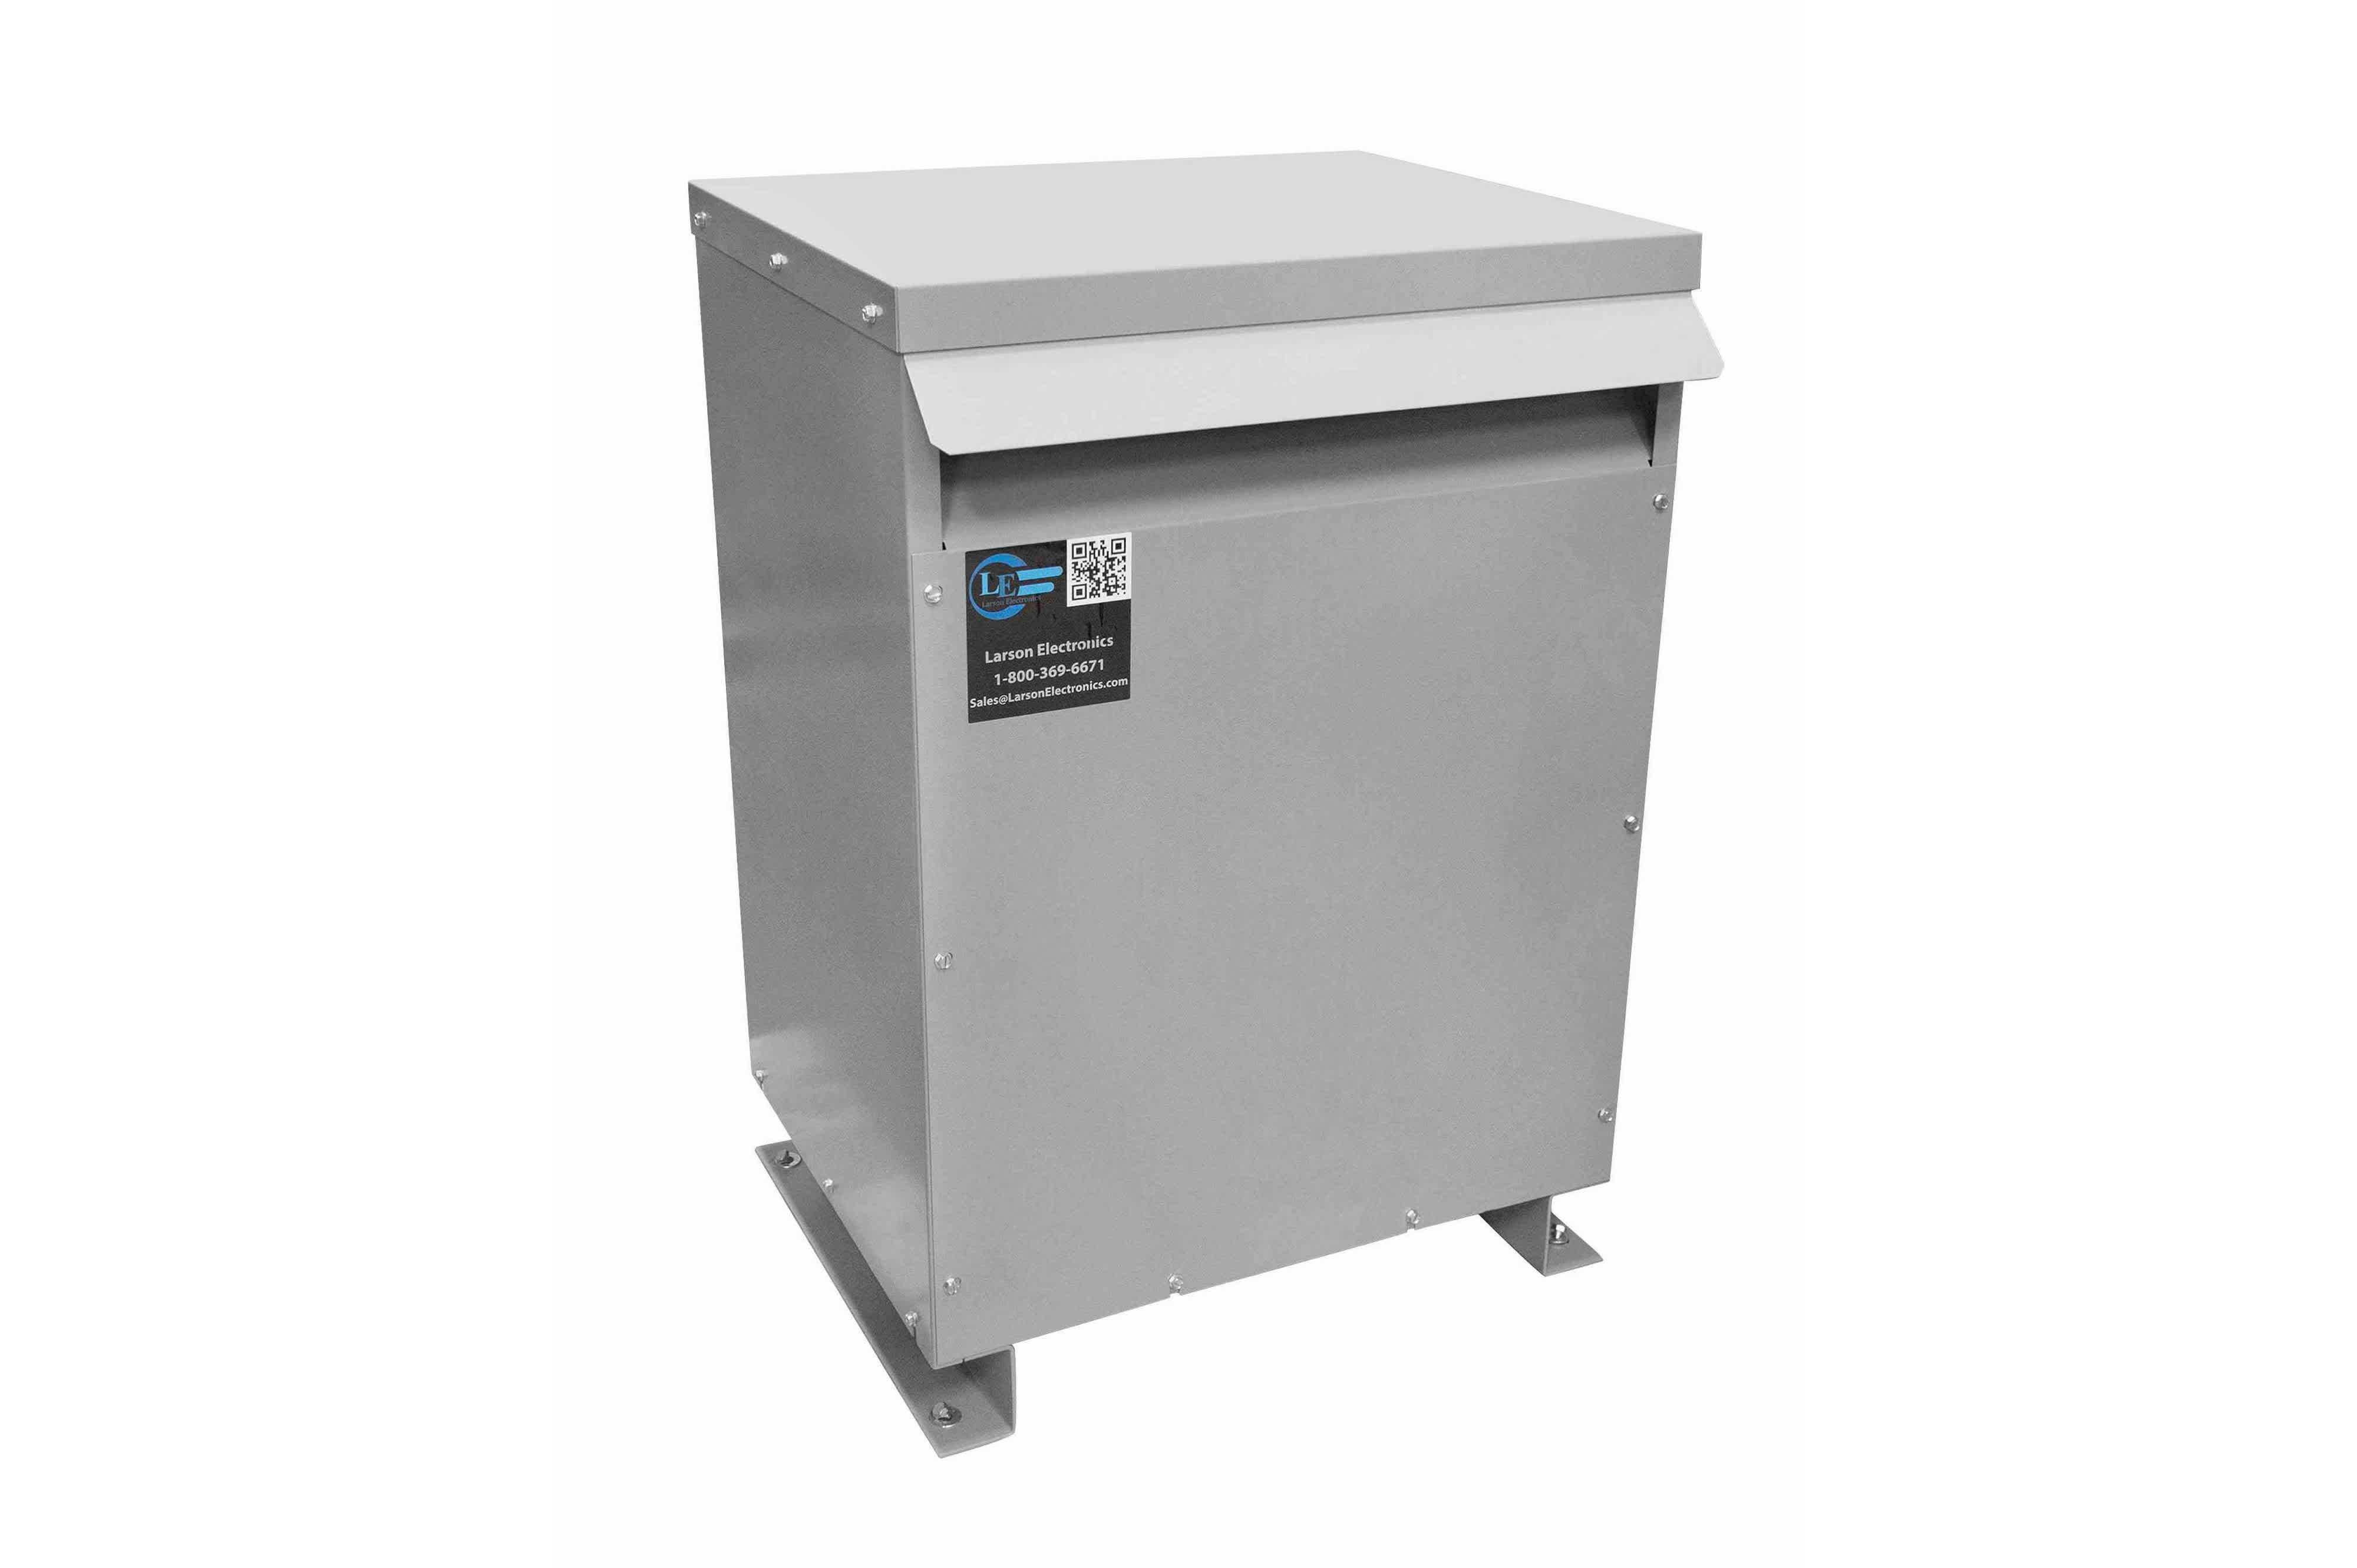 20 kVA 3PH Isolation Transformer, 480V Delta Primary, 600V Delta Secondary, N3R, Ventilated, 60 Hz